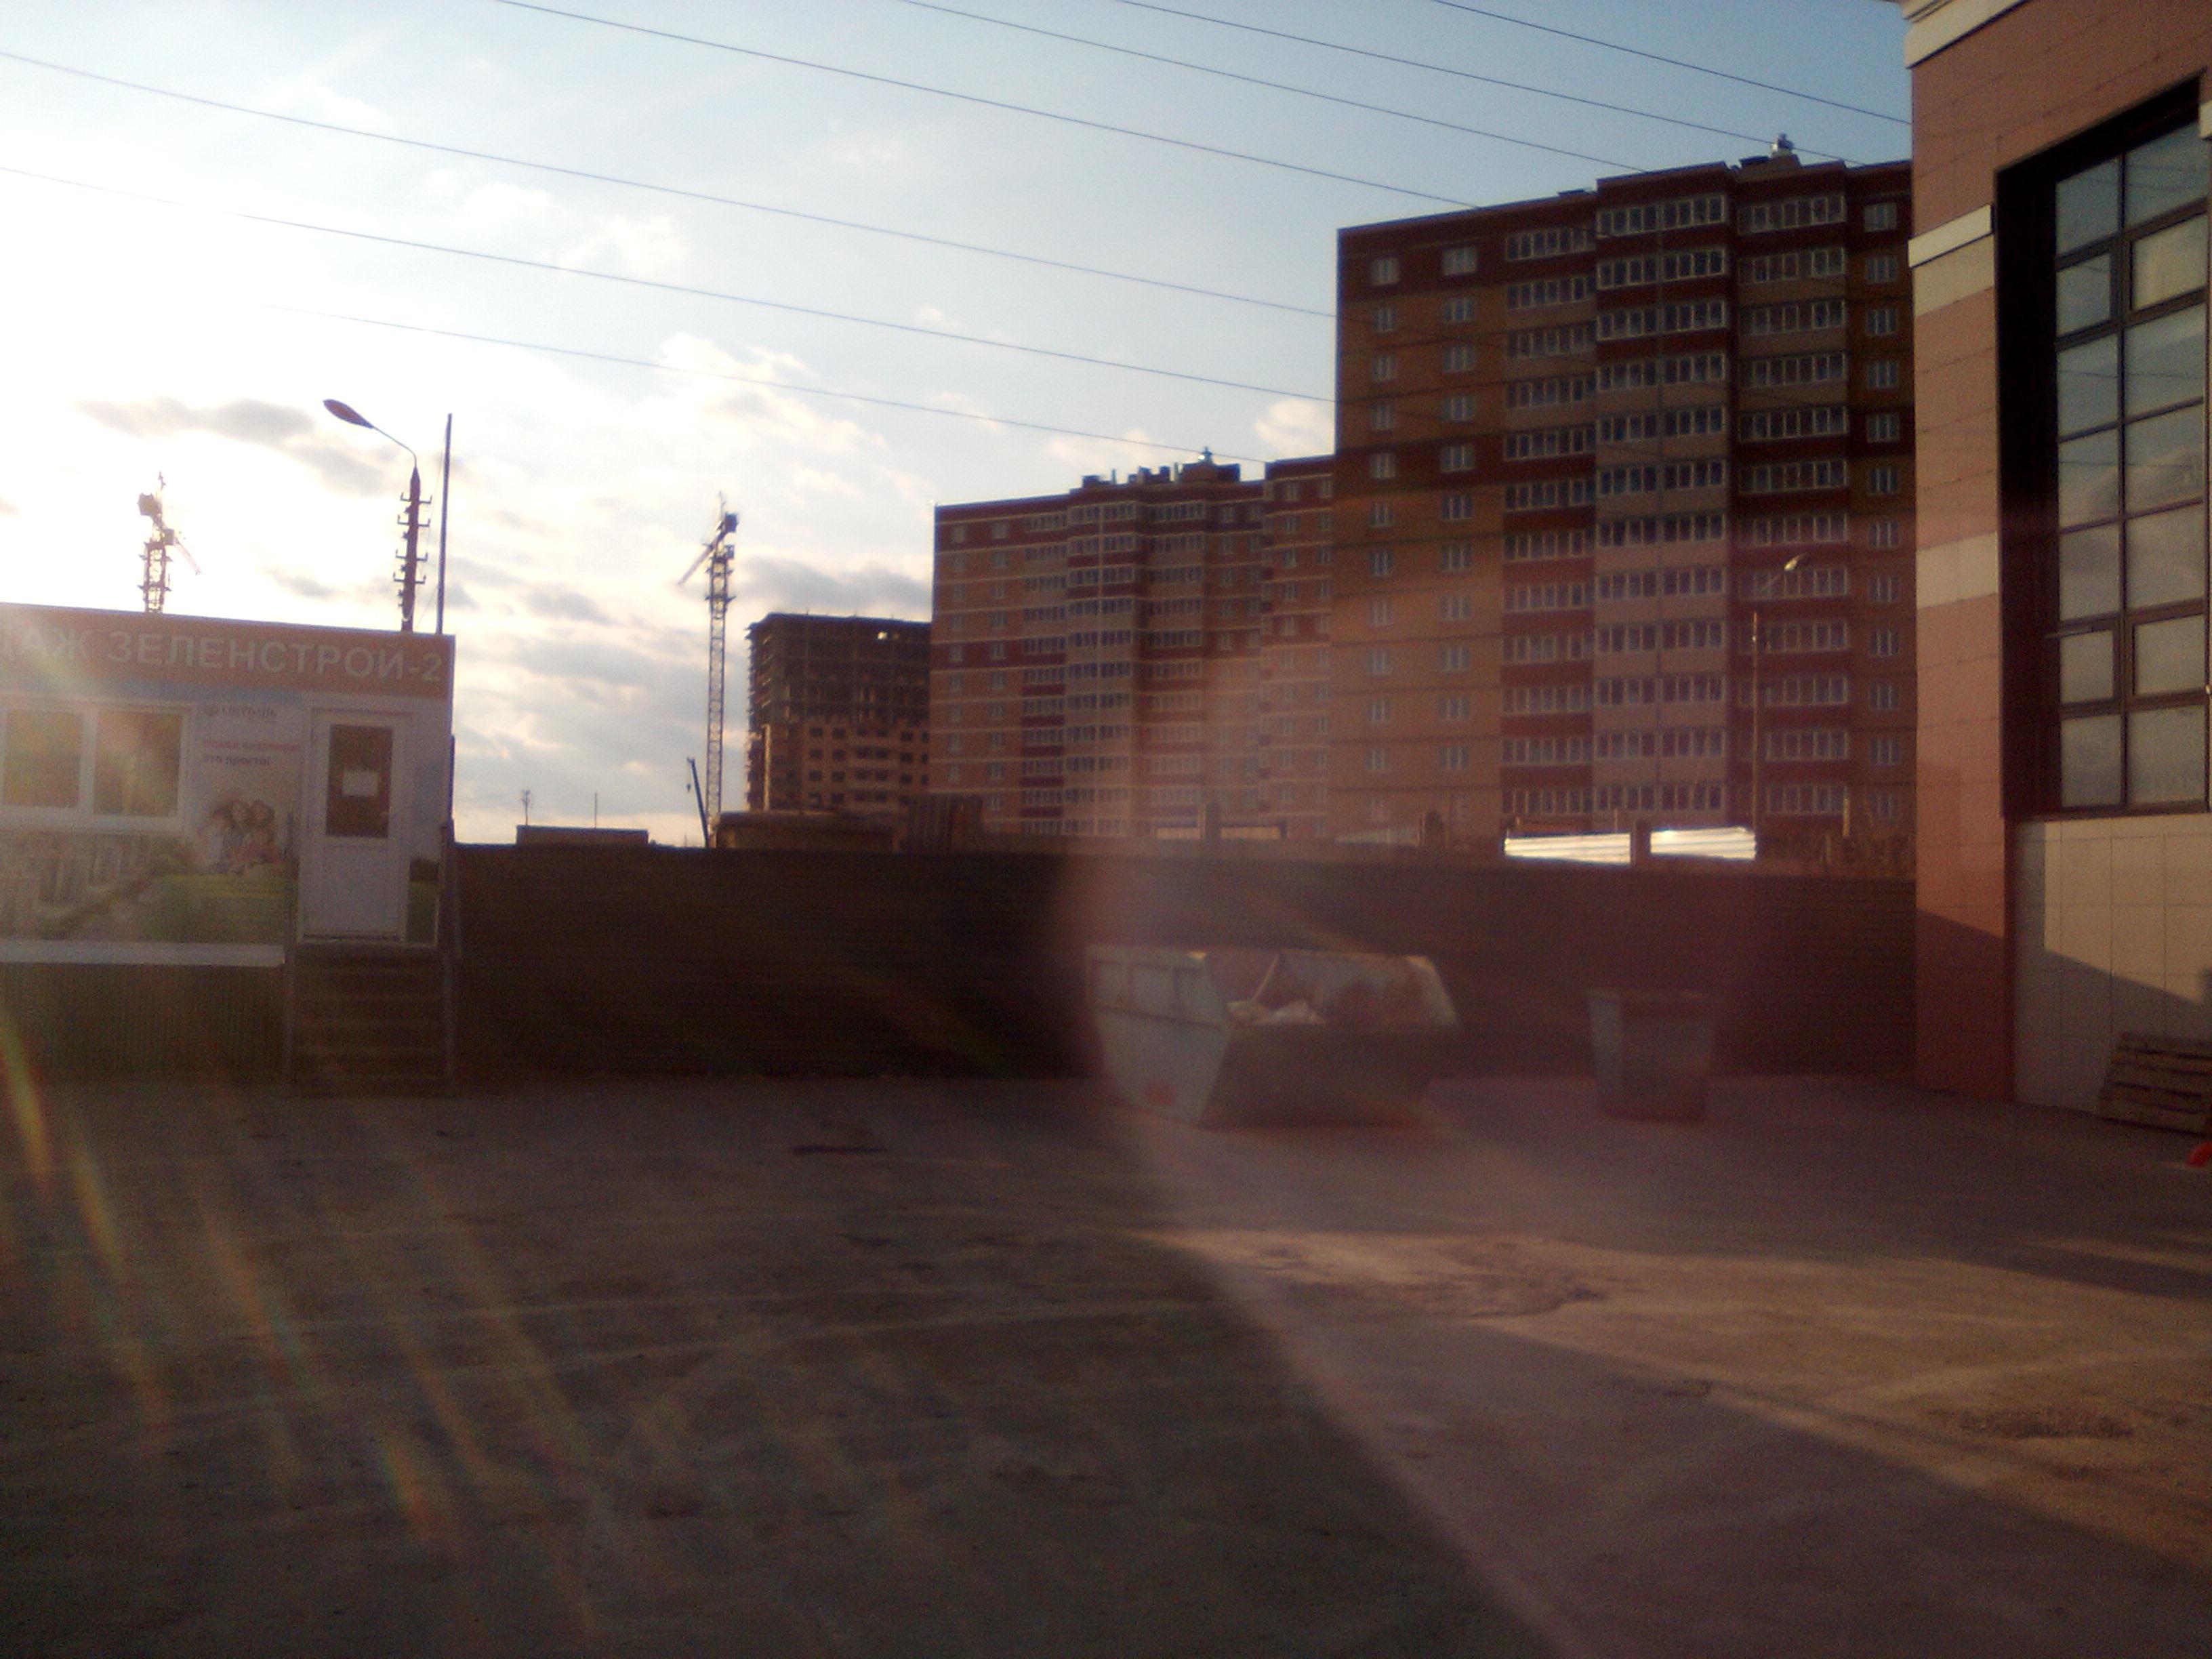 Фотографии домов ЖК микрорайон Зеленстрой 2 по проспекту Ленина. ООО Стройкомплект.